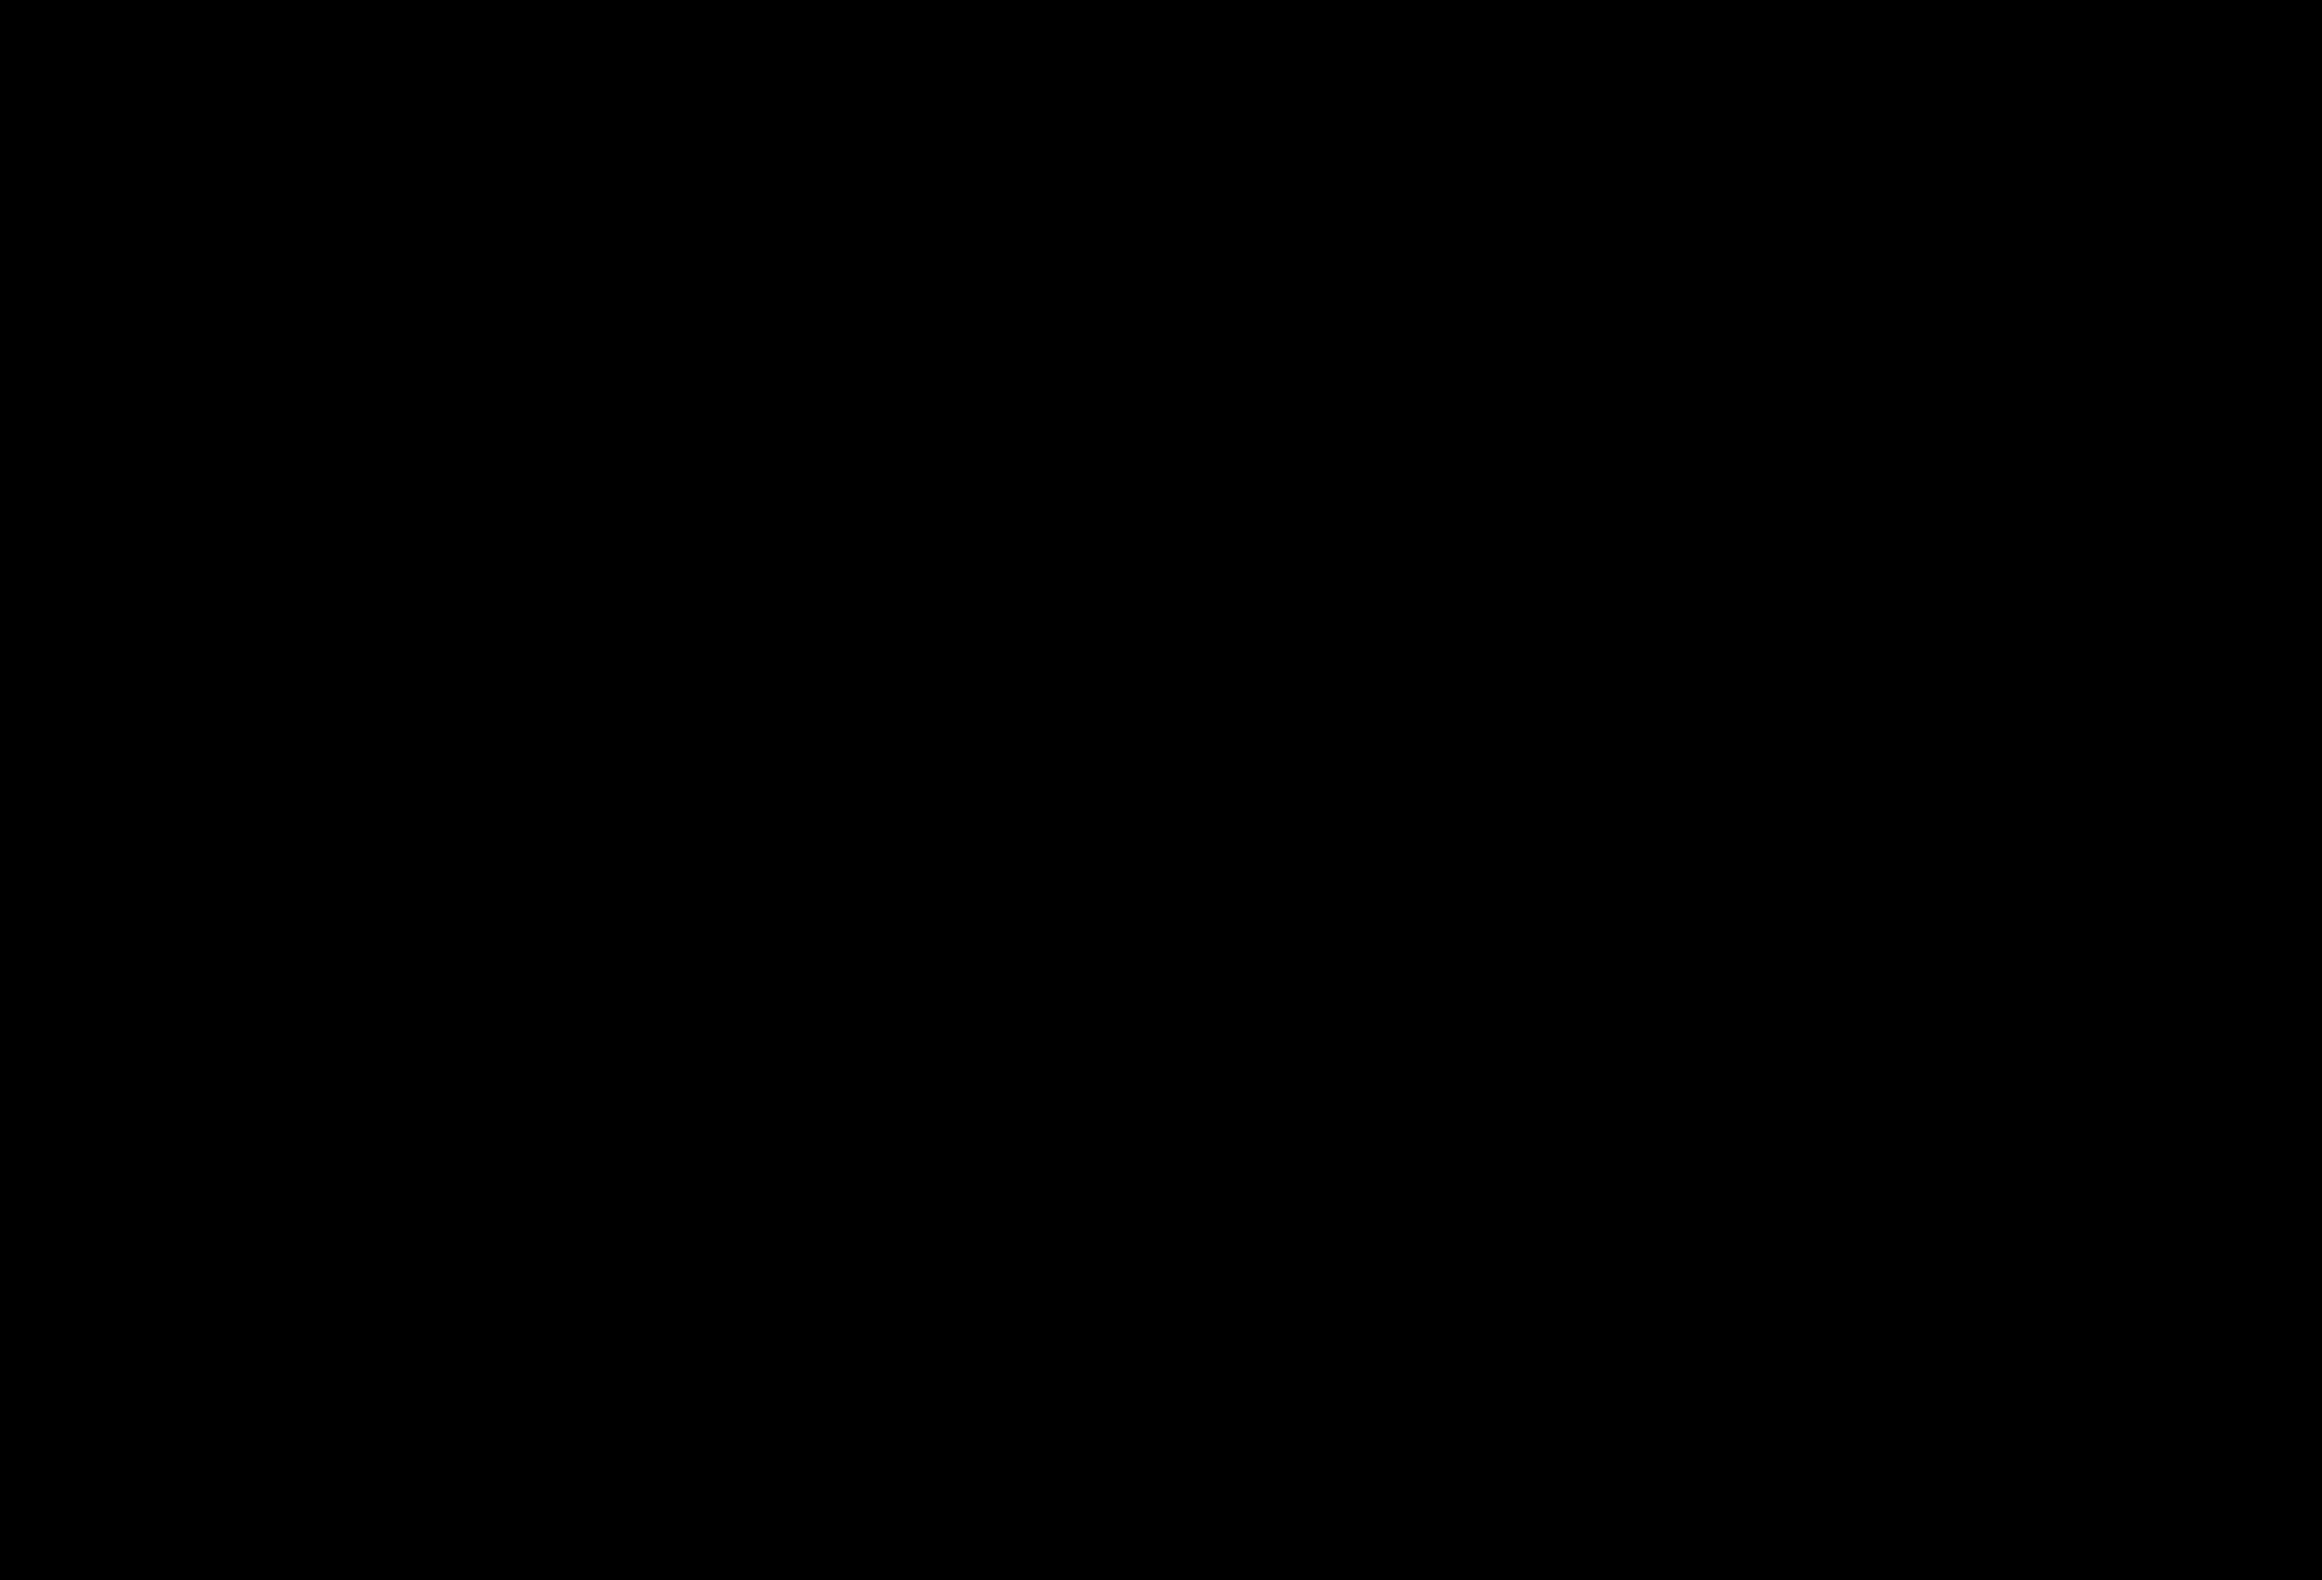 Letter clipart transparent Cyrillic M letter Clipart M